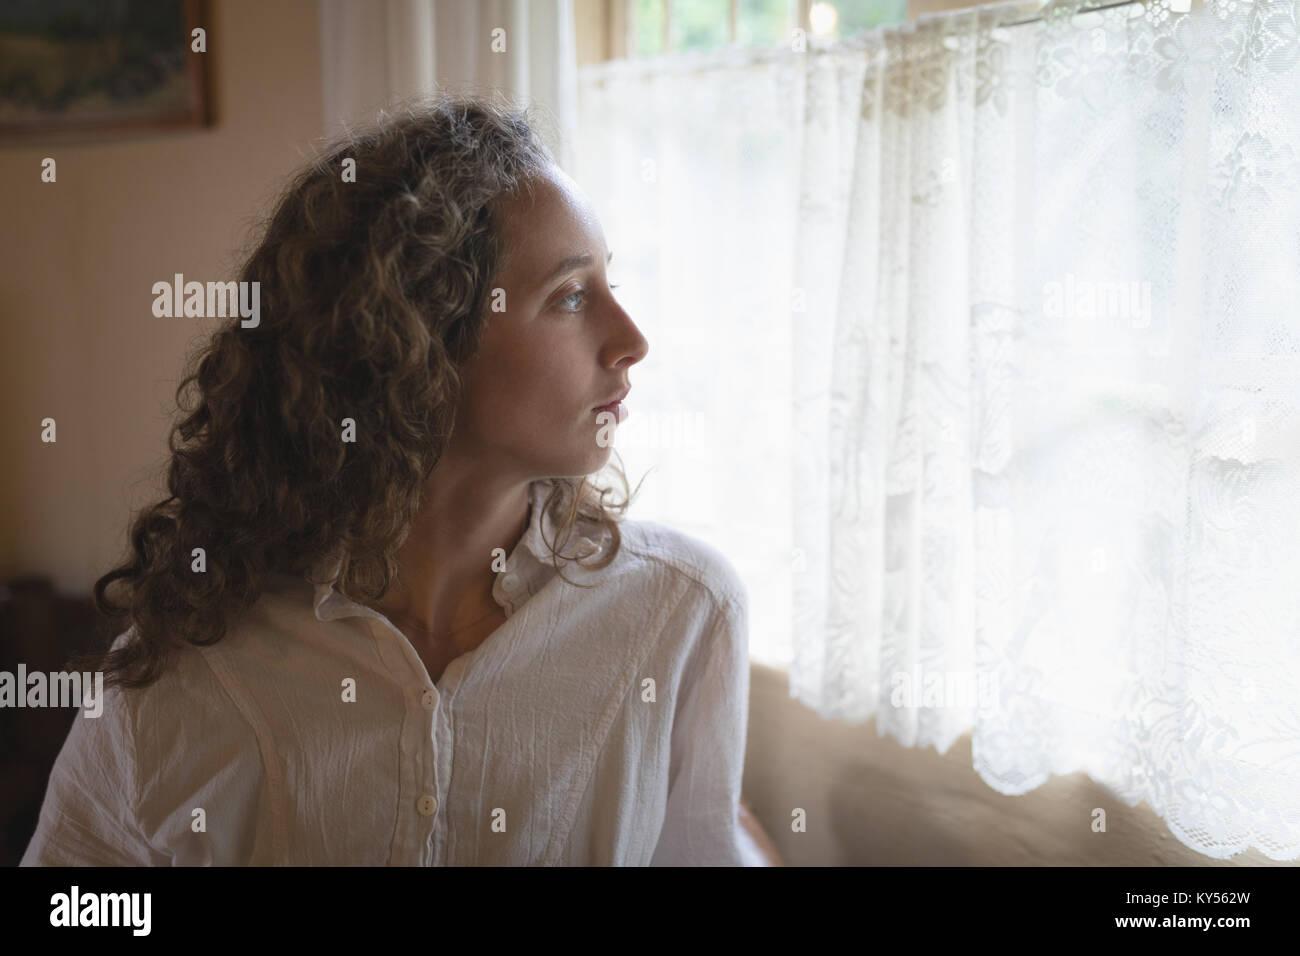 Mujer mirando a través de la ventana en el salón Imagen De Stock